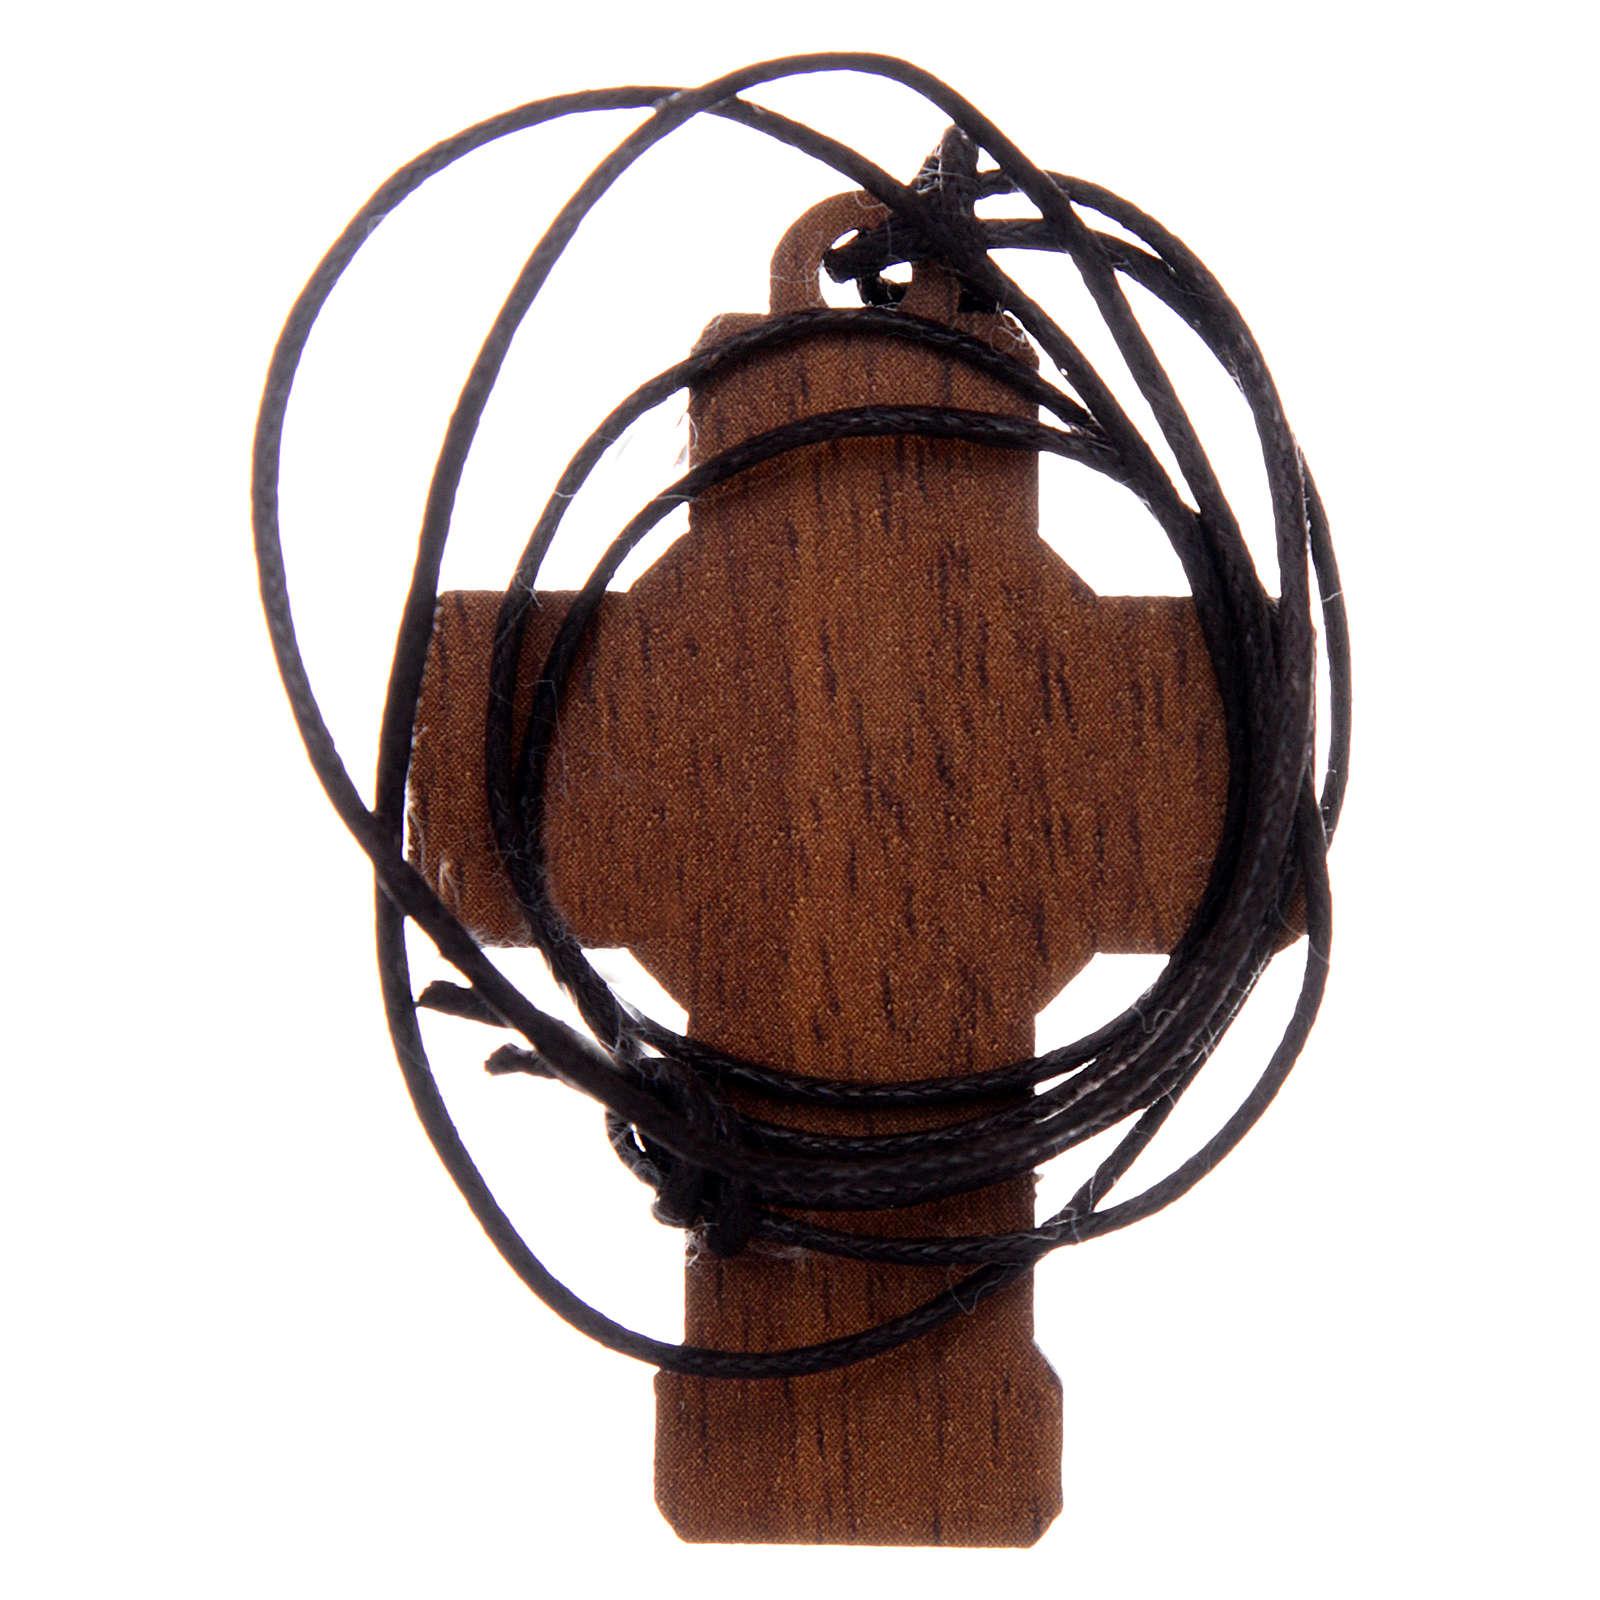 Cruz de madera con cuerda 3x5 cm 3